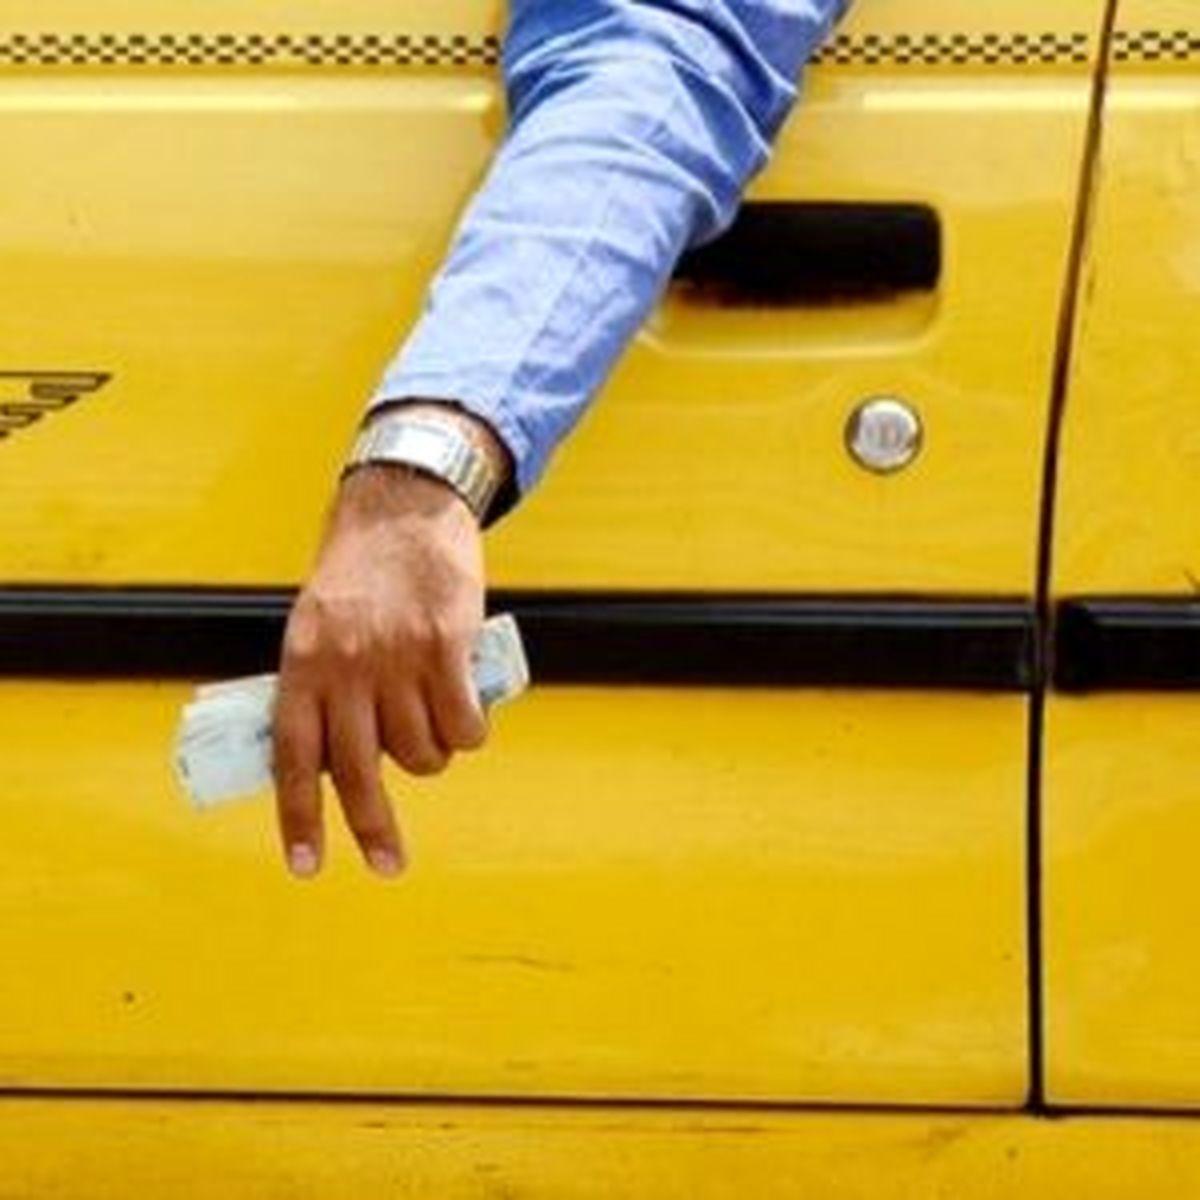 تجاوز به زنان زیر سر این شیطان صفت بود/ راننده تاکسی بی حیا